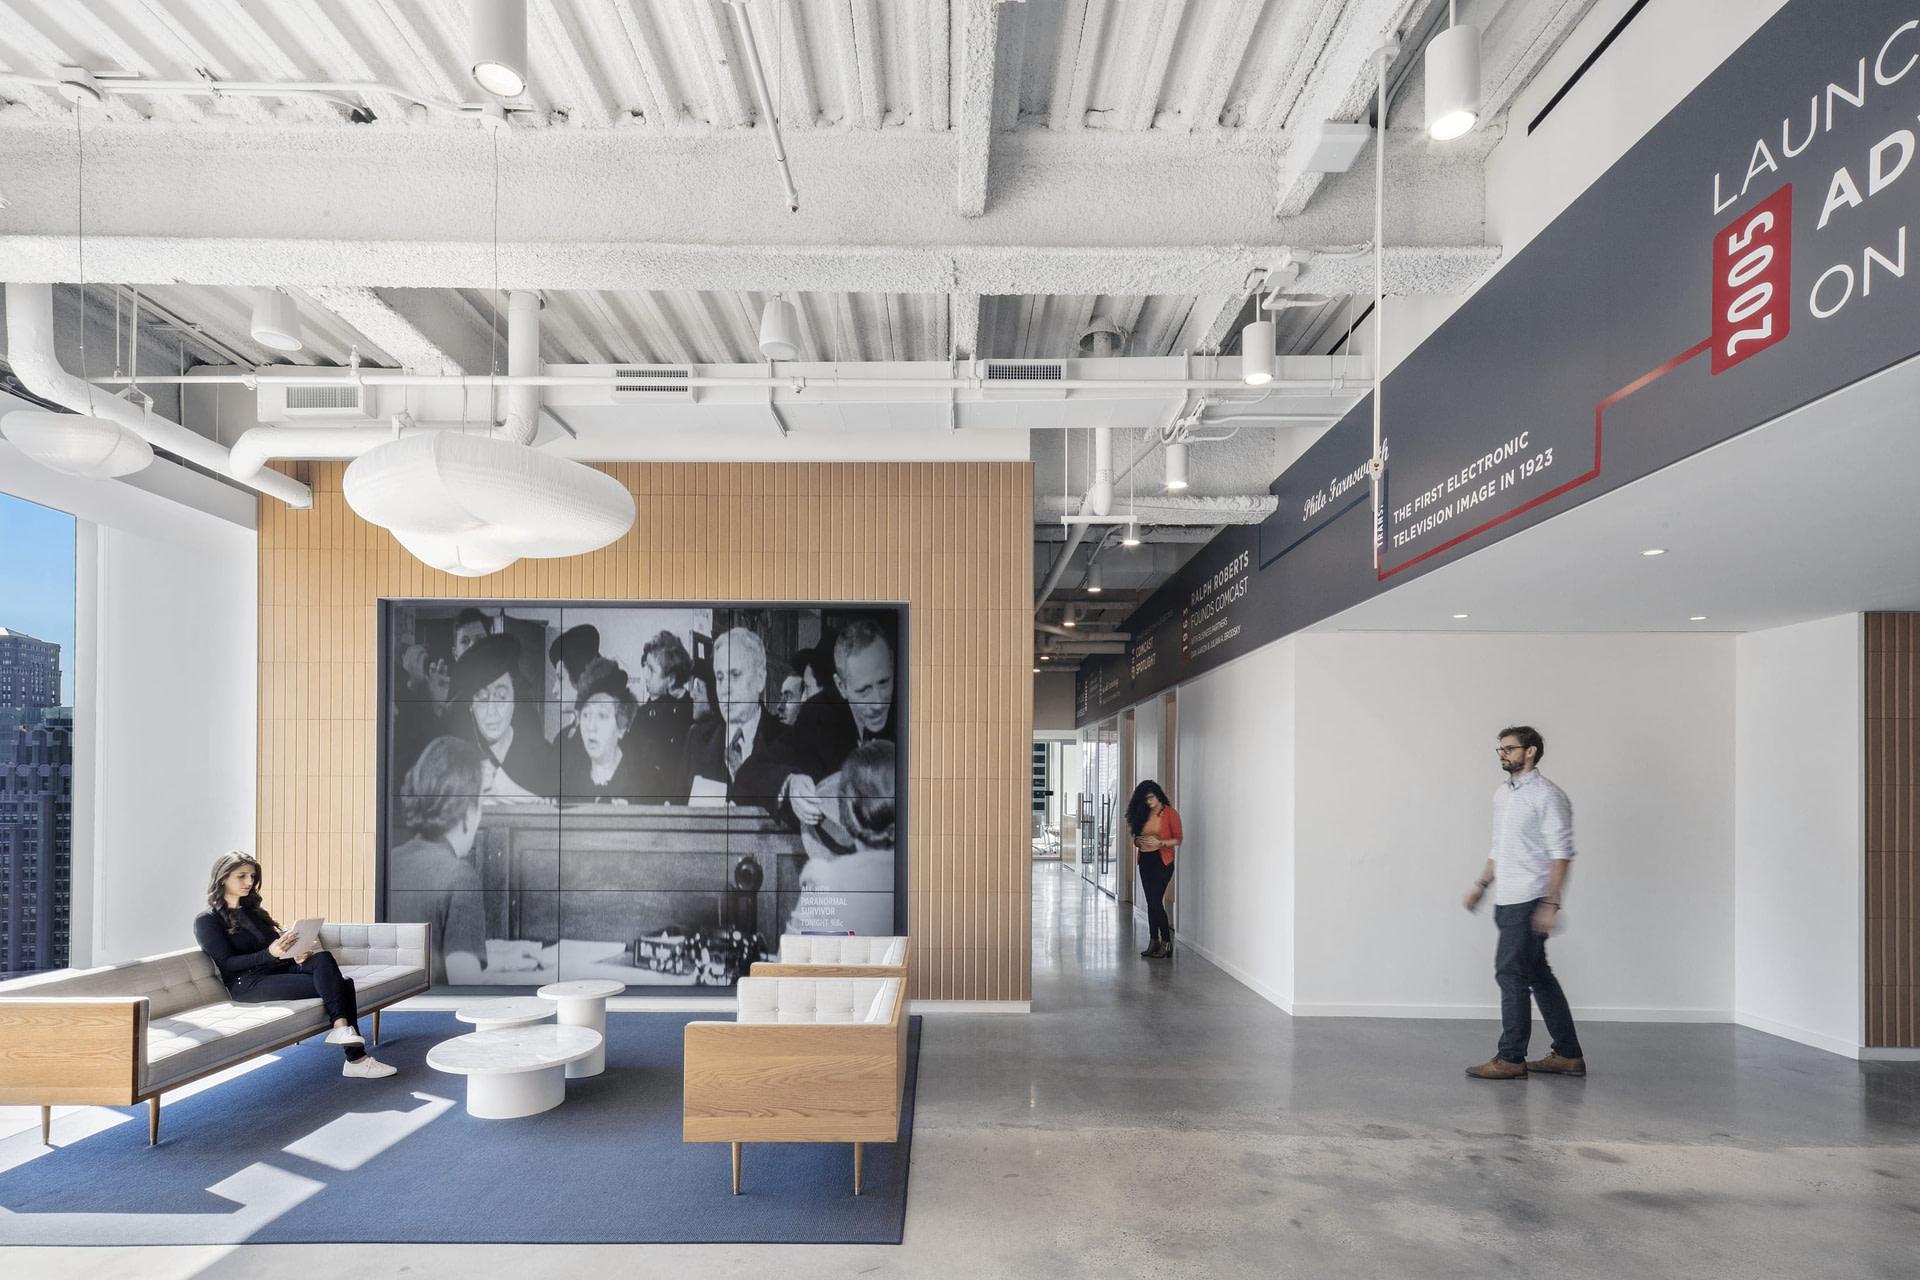 Reception area at Comcast Spotlight